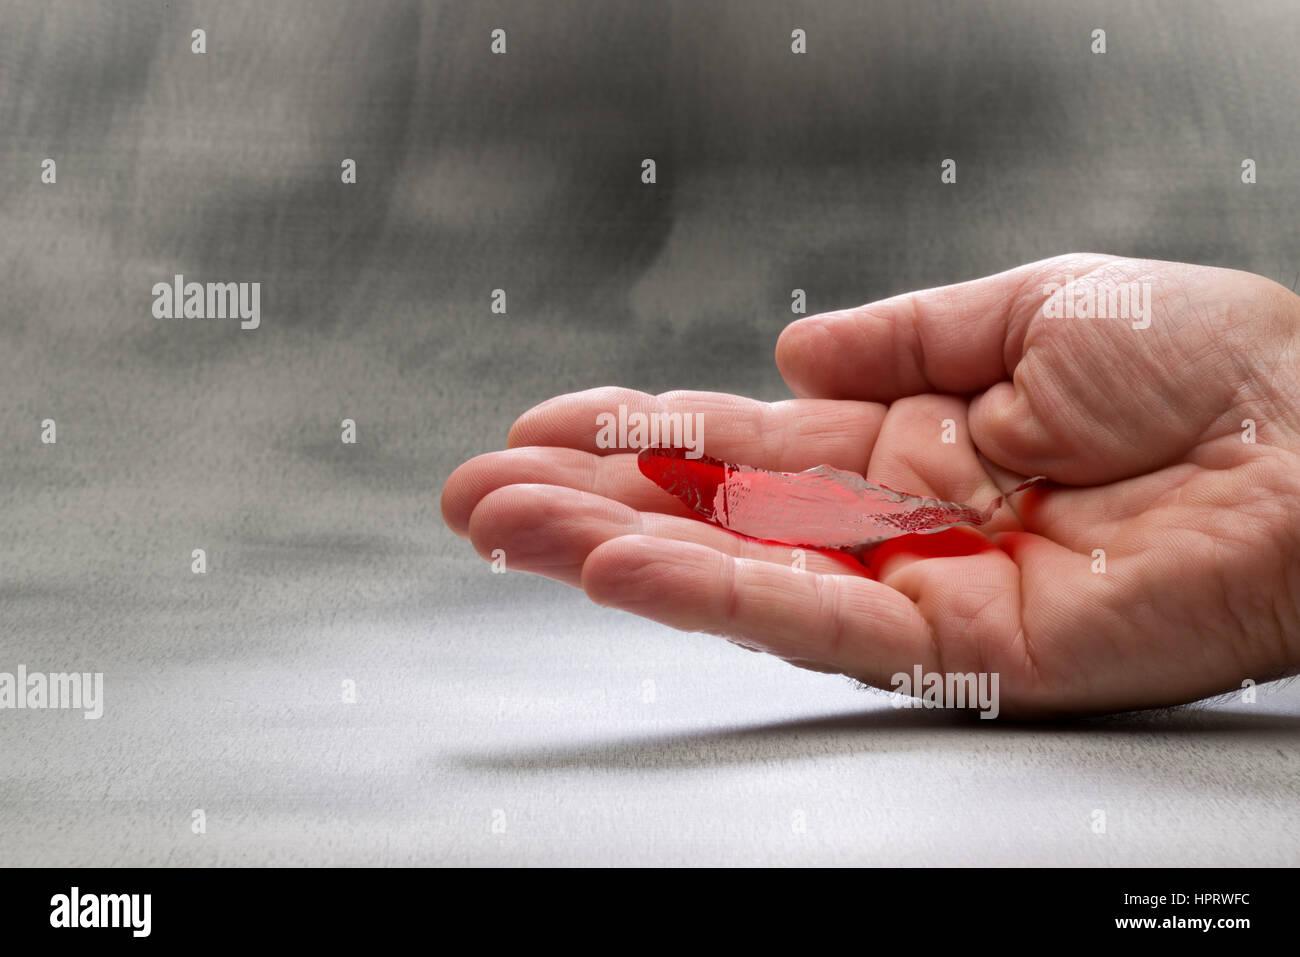 Fortune raccontando il pesce. Posizionare il palmo della mano e reagirà in modi diversi a seconda del vostro Immagini Stock